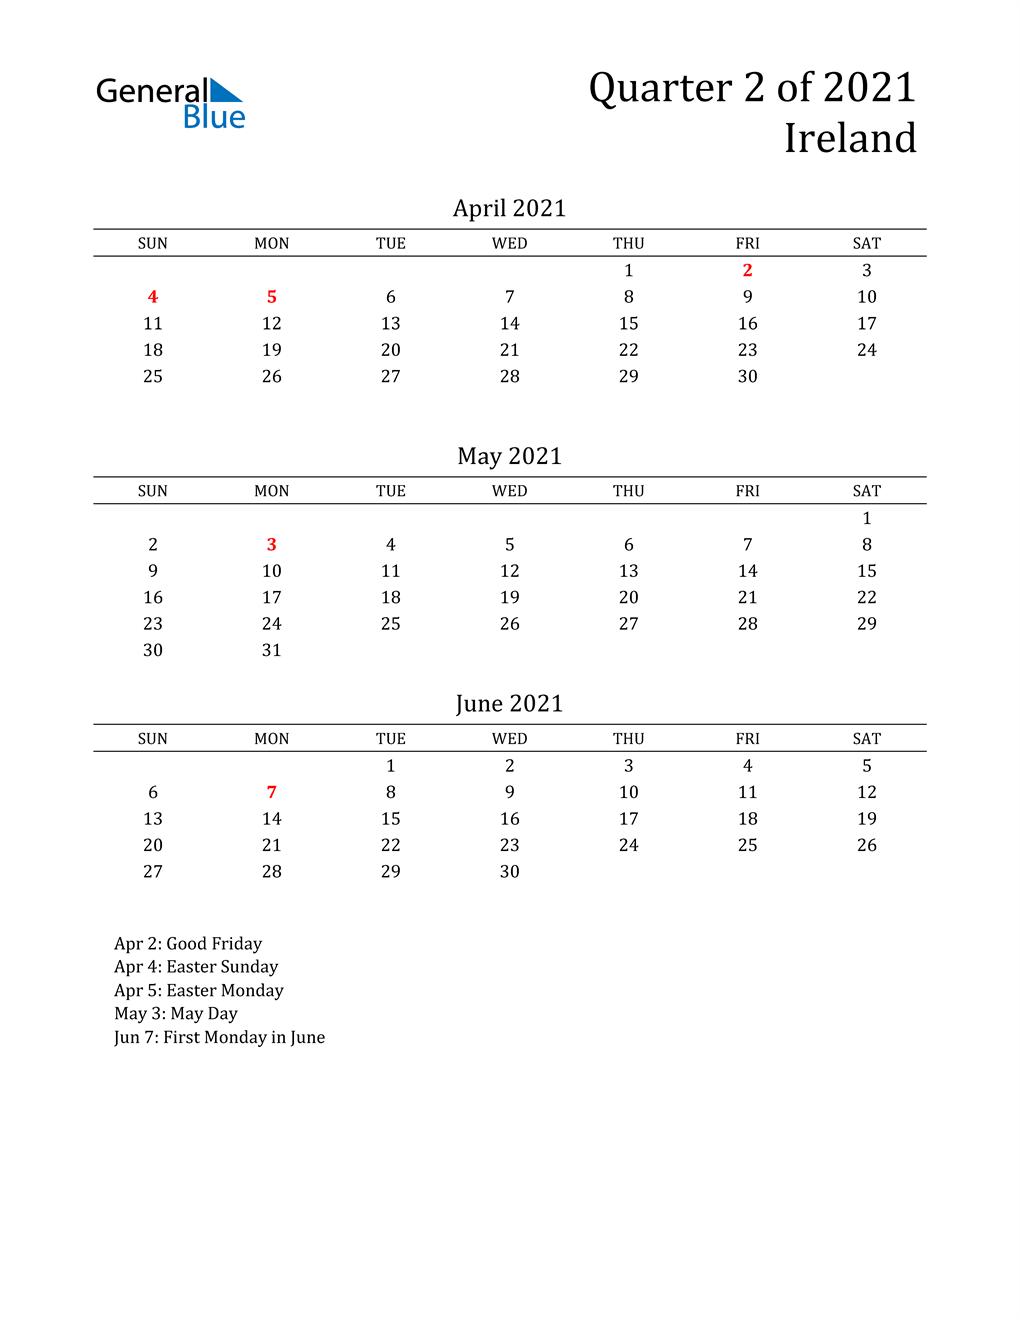 2021 Ireland Quarterly Calendar